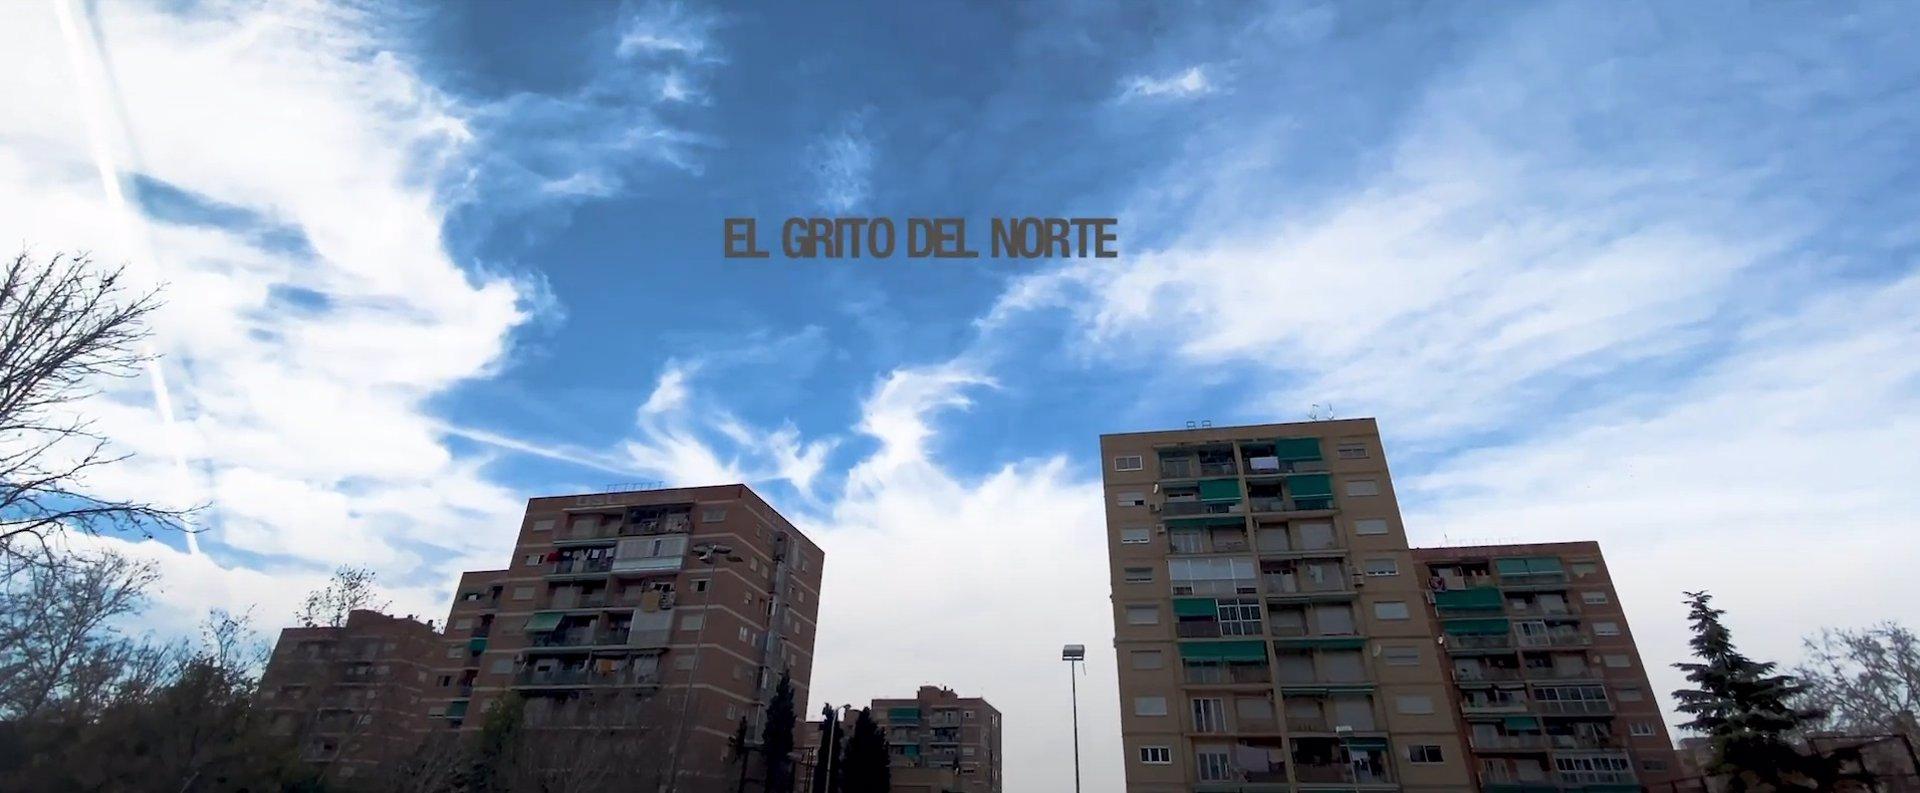 Jóvenes de la zona norte rapean contra la «imagen negativa» de su barrio en un vídeo solidario